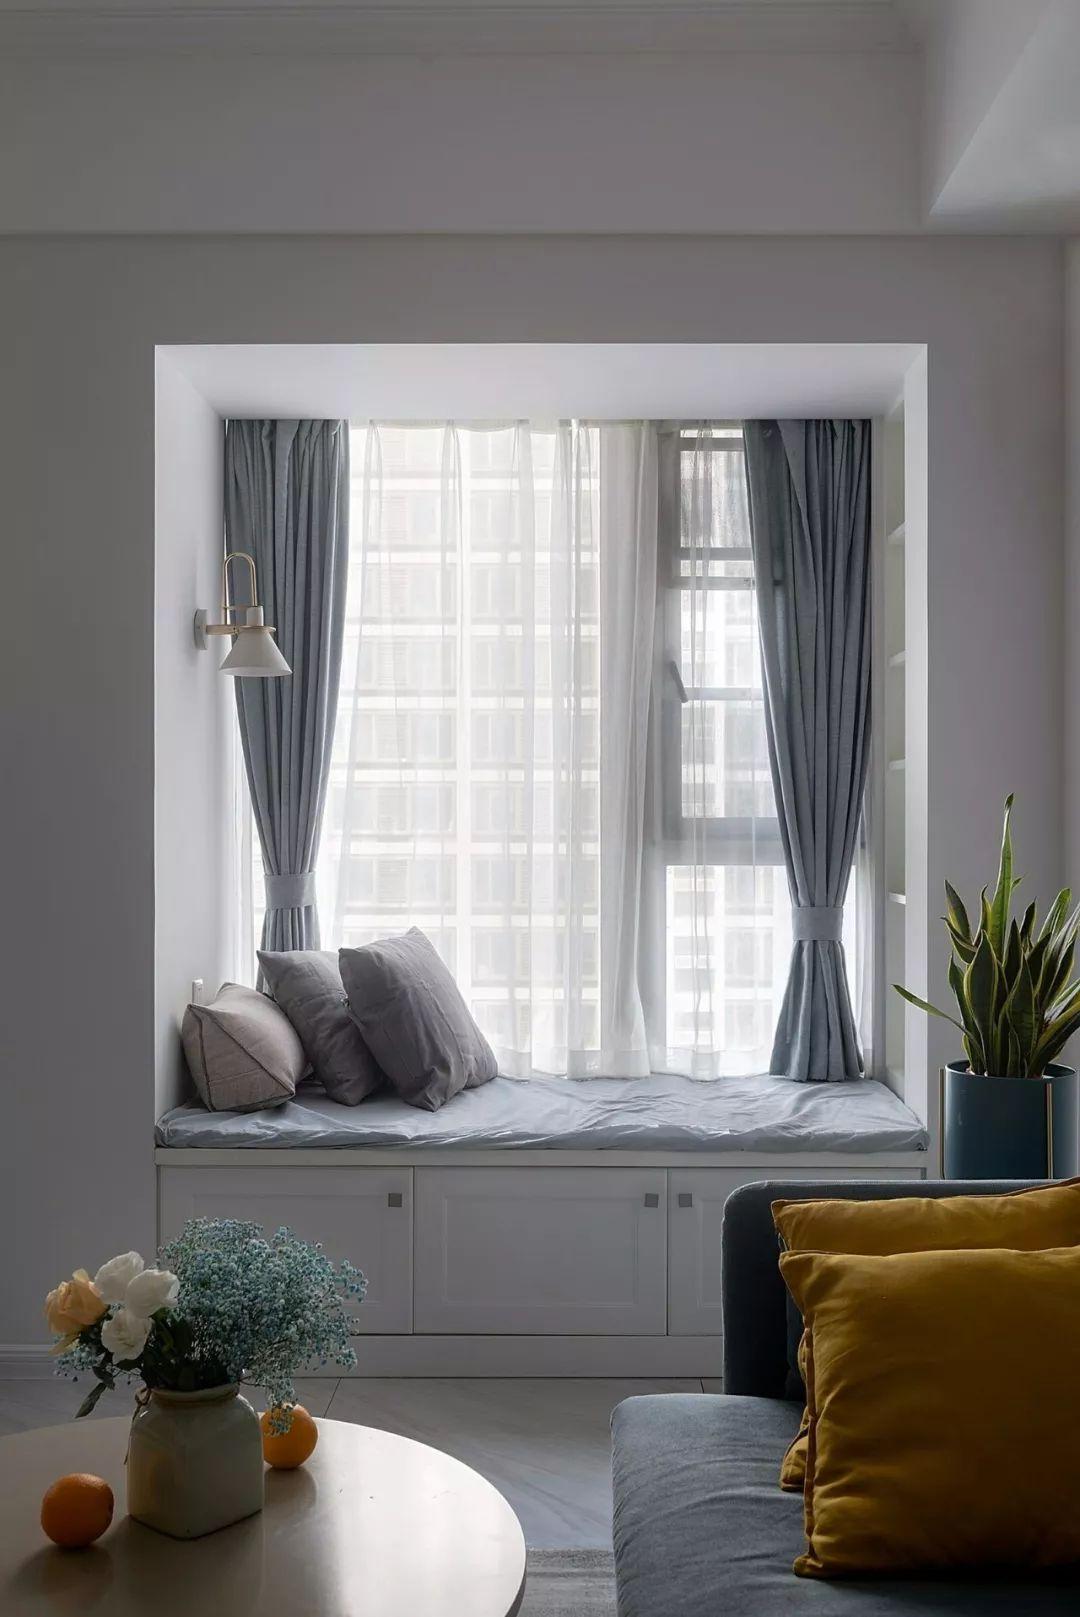 如果你家客厅是带飘窗的户型,就偷着乐吧,比阳台还漂亮实用